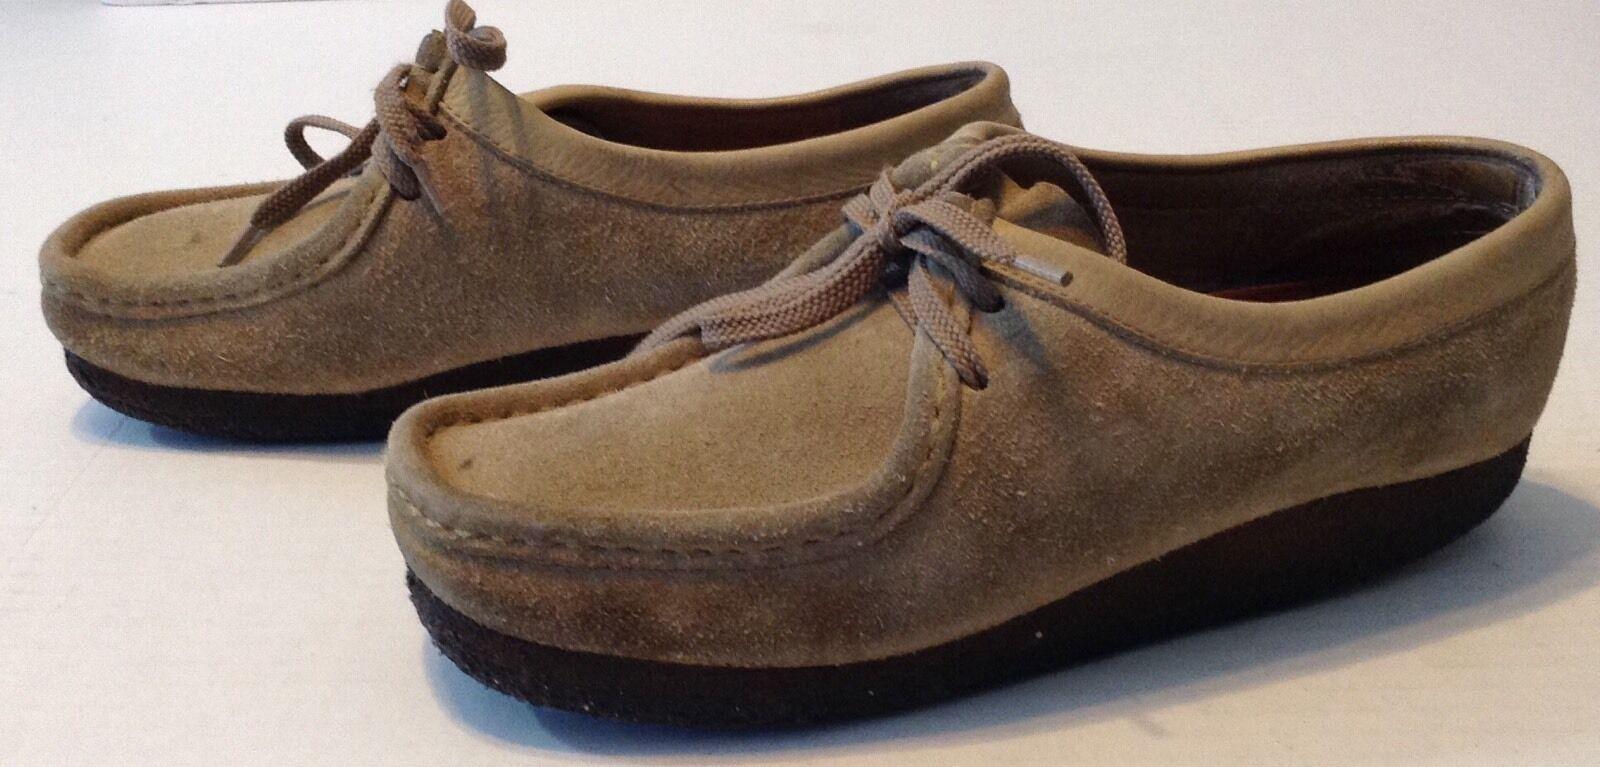 clarks original des chaussures wallabees daim faible chaussures des taille 8 cf4d96